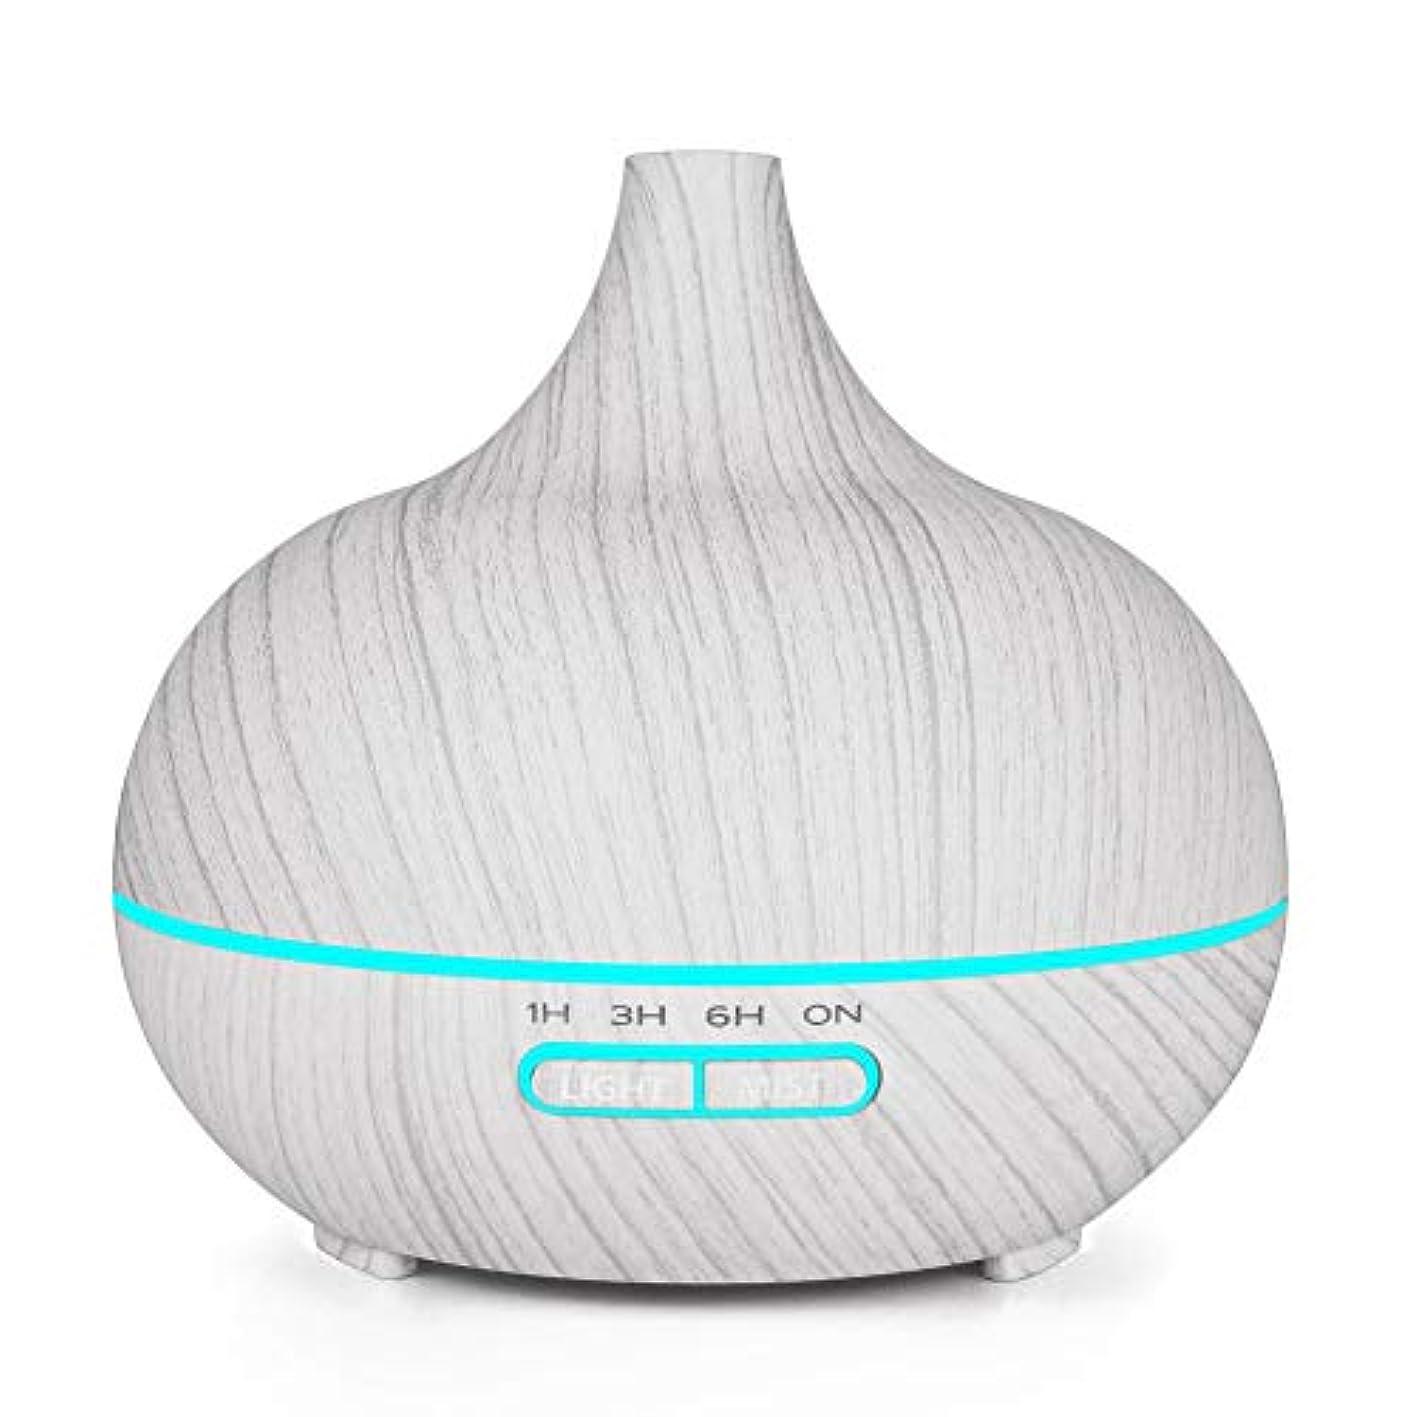 計画的可決頬木目 涼しい霧 加湿器,7 色 空気を浄化 加湿機 時間 手動 香り 精油 ディフューザー アロマネブライザー Yoga ベッド- 400ml